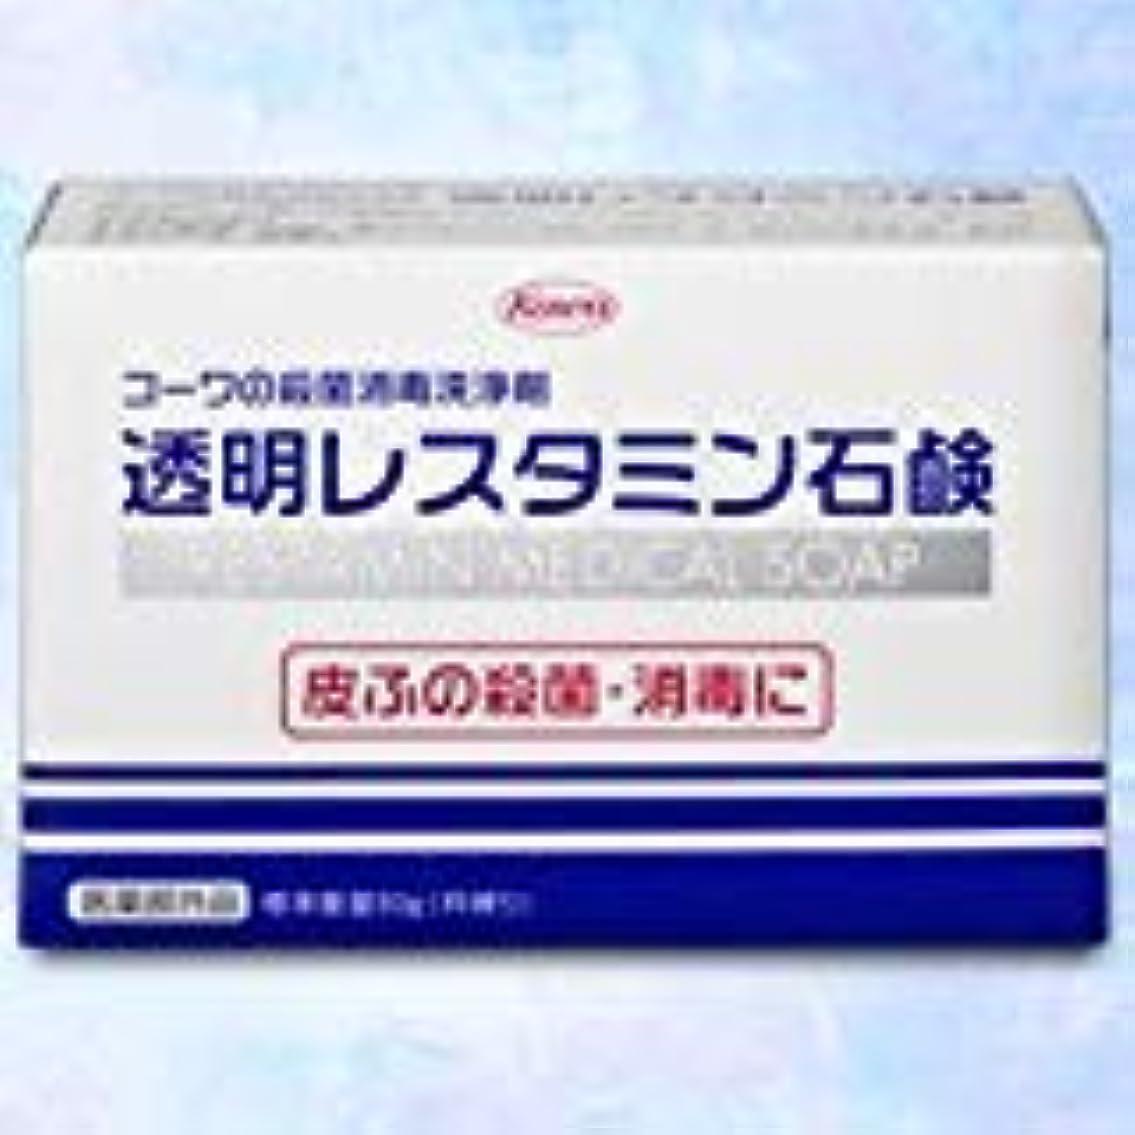 まあ見込み反響する【興和】コーワの殺菌消毒洗浄剤「透明レスタミン石鹸」80g(医薬部外品) ×5個セット